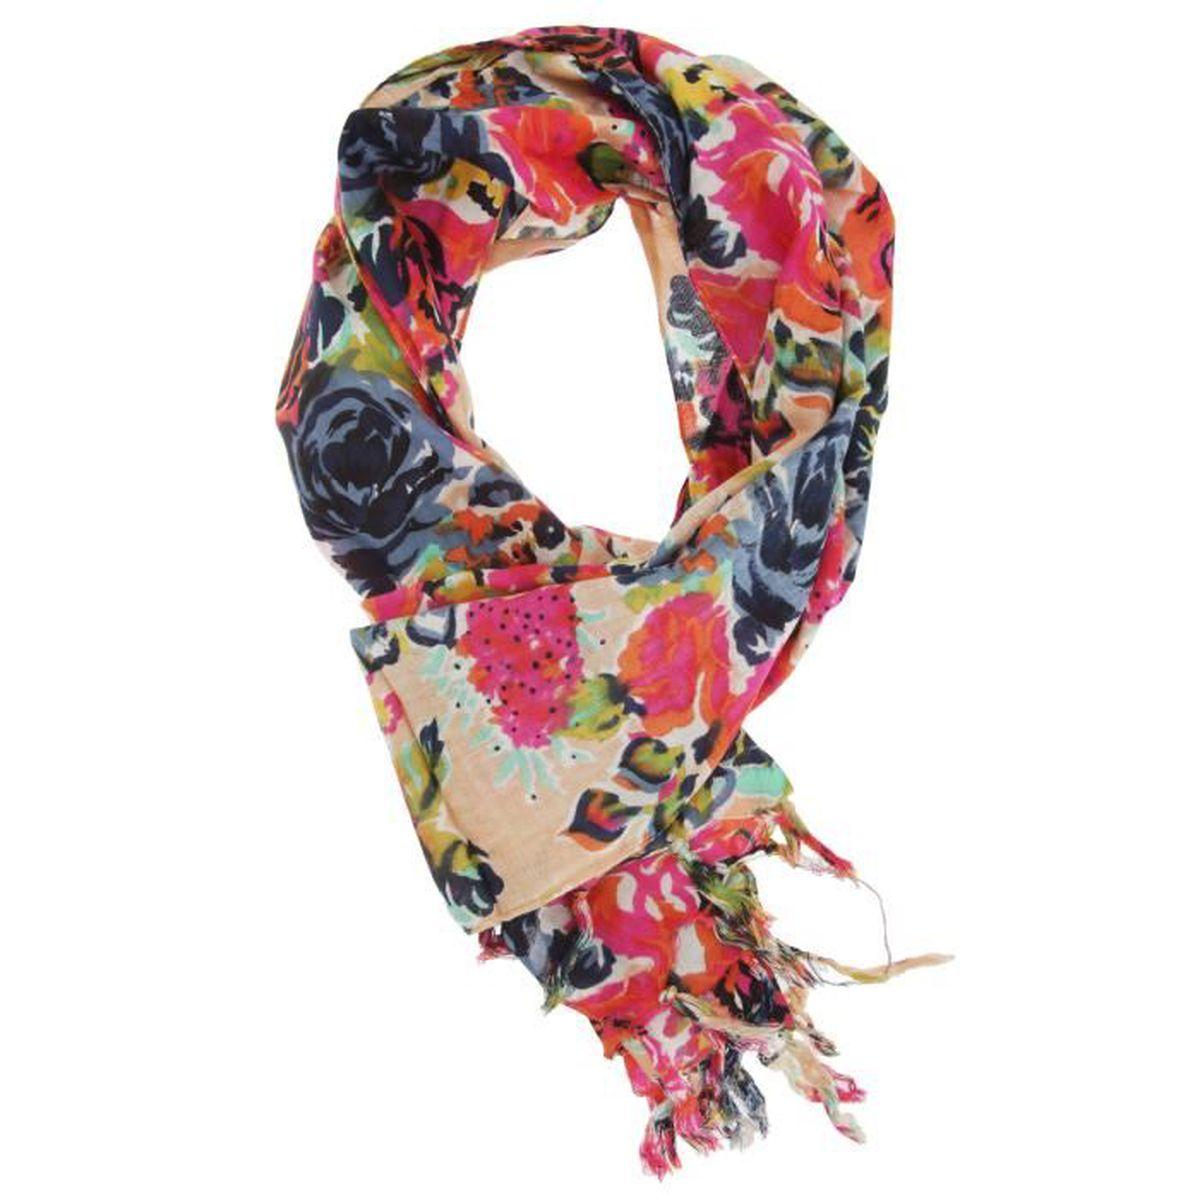 Foulard à motif floral - Femme - Achat   Vente echarpe - foulard ... 78a80c396a9